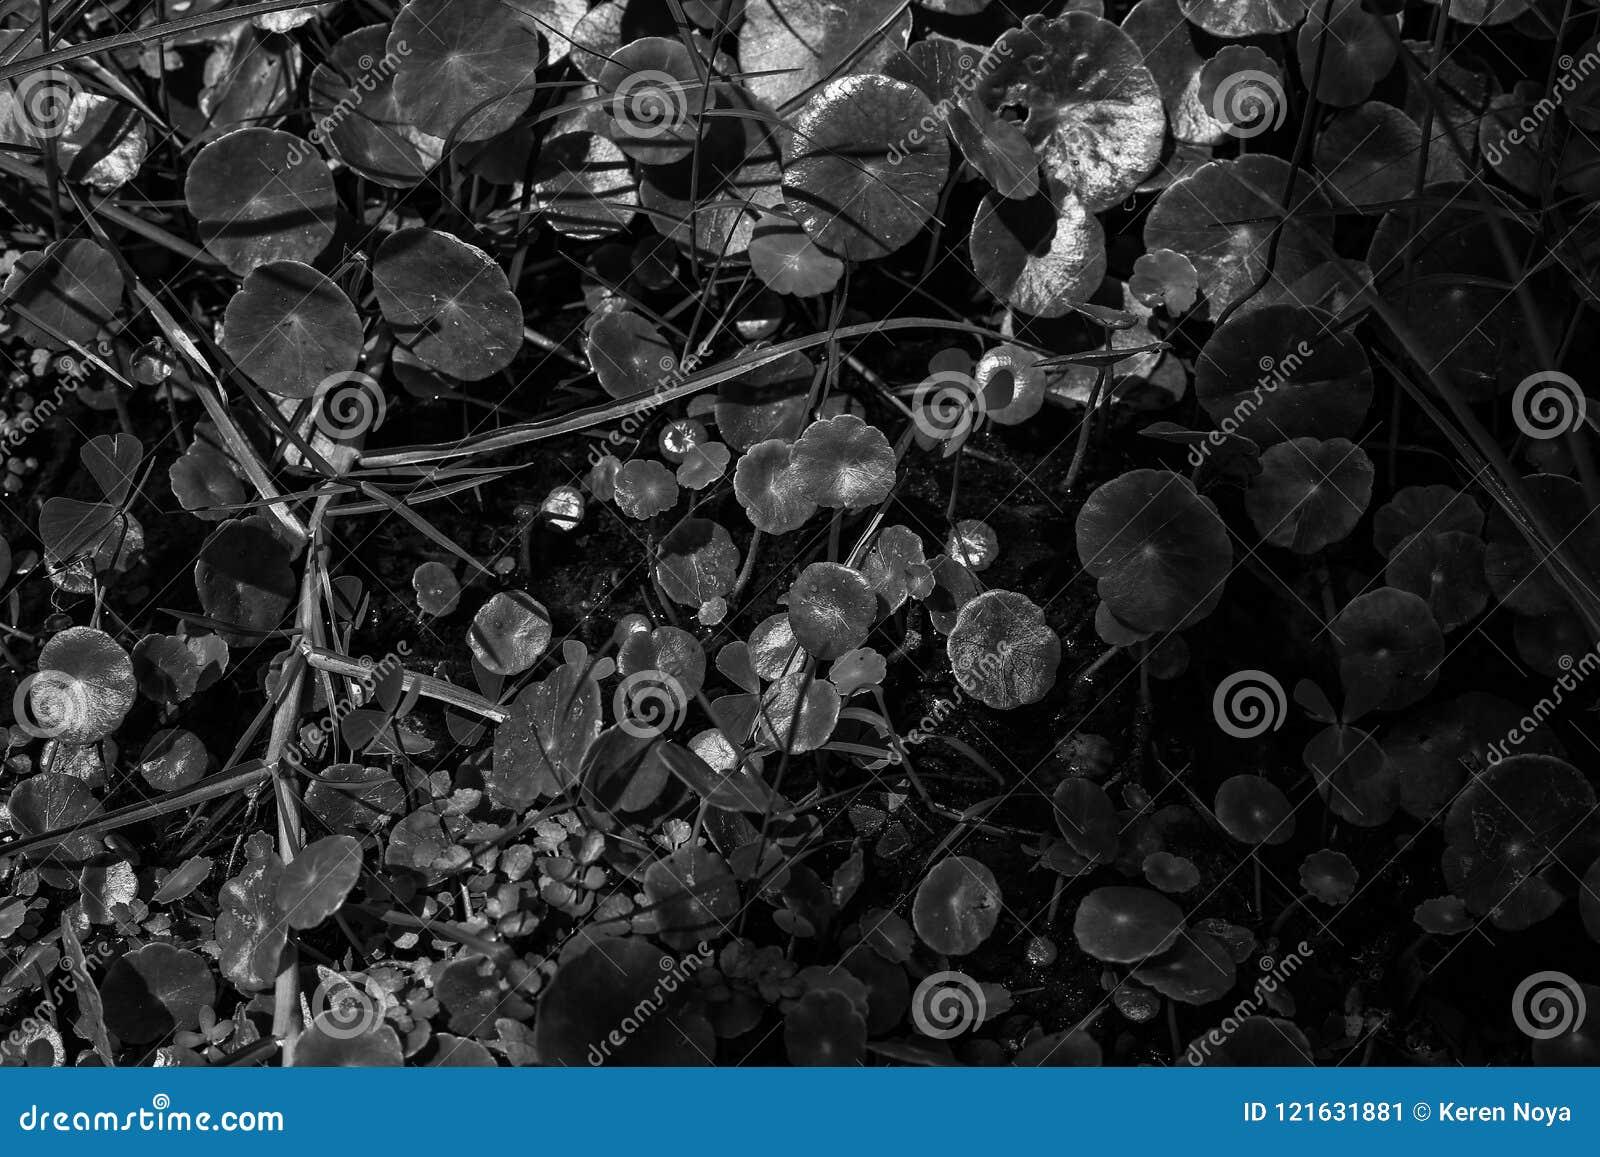 Download 4000+ Wallpaper Black White Keren  Paling Keren